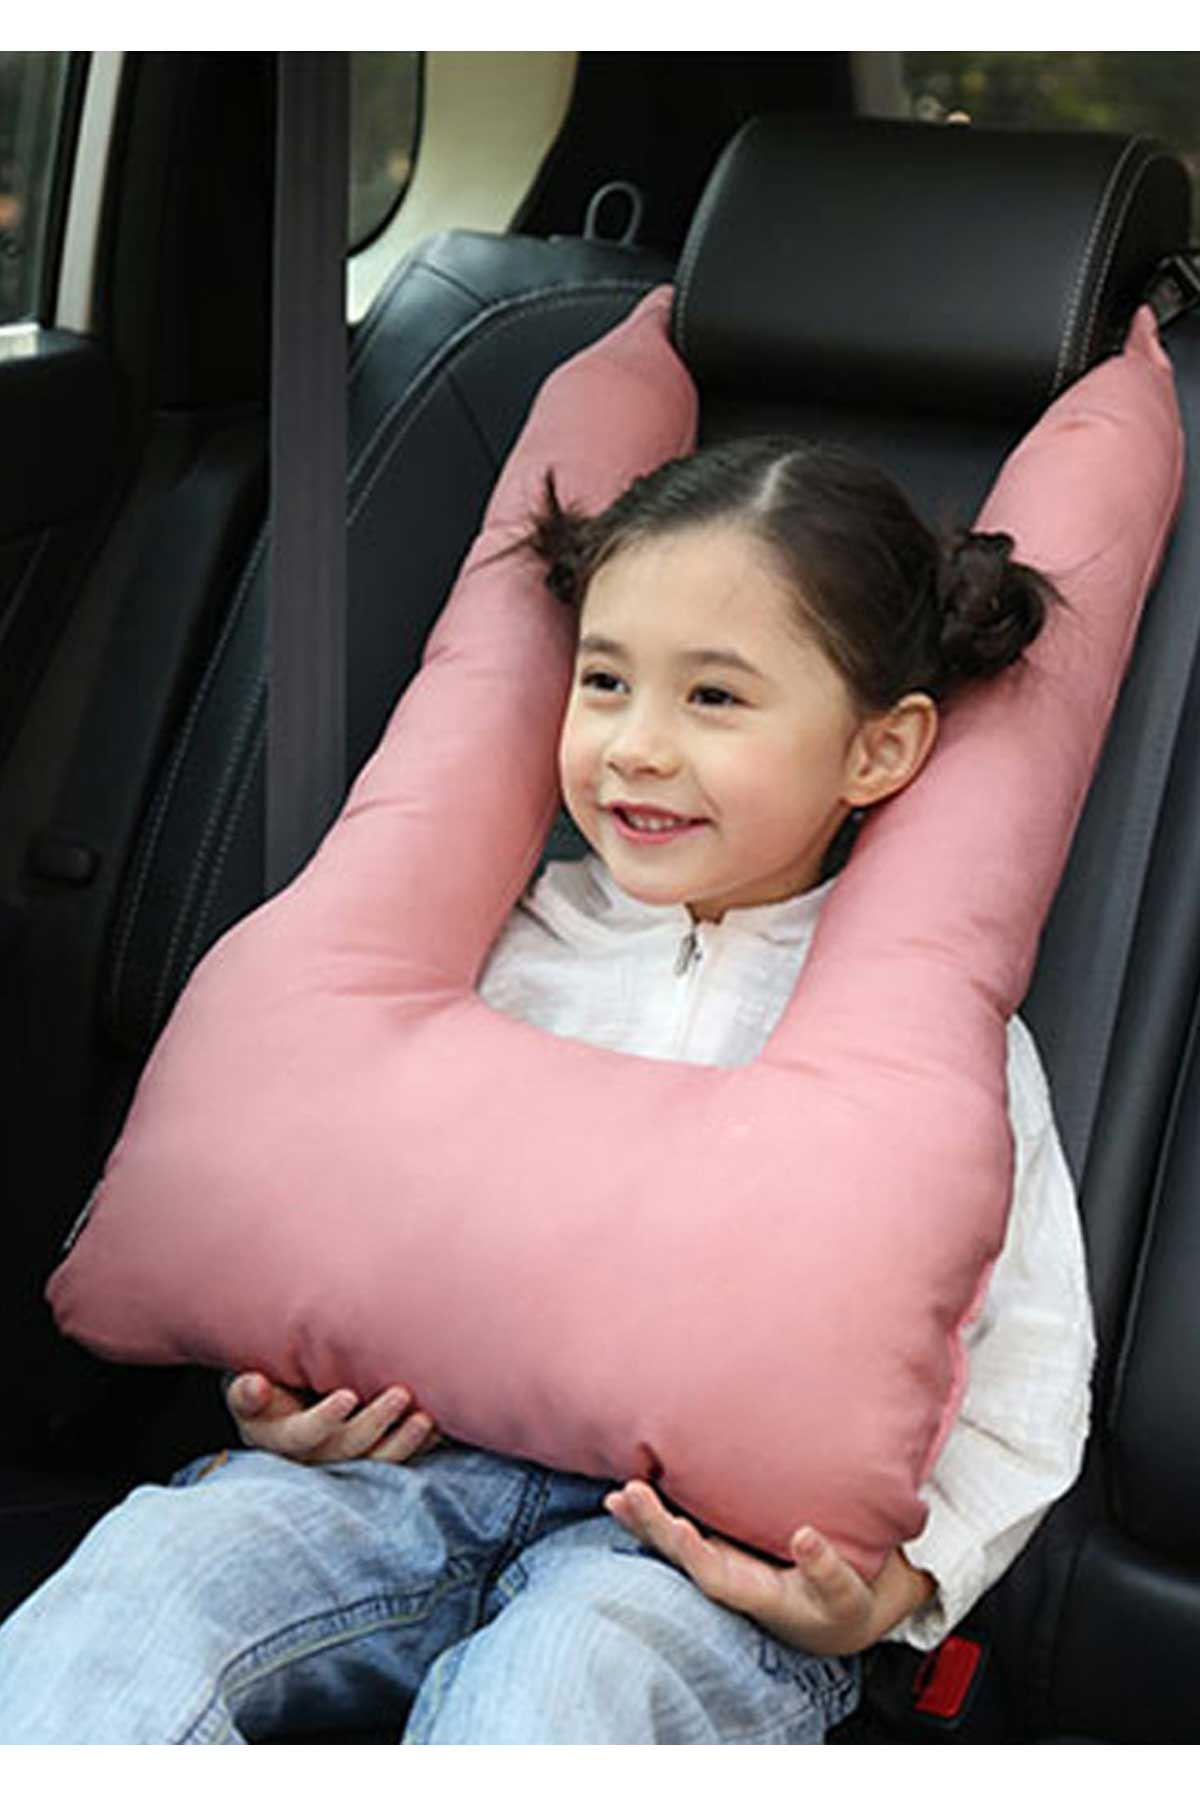 Pembe Bundera Pillow Çocuk Emniyet Kemer Yastığı Düzenleyici Oto Emniyet Kemeri Tutucu